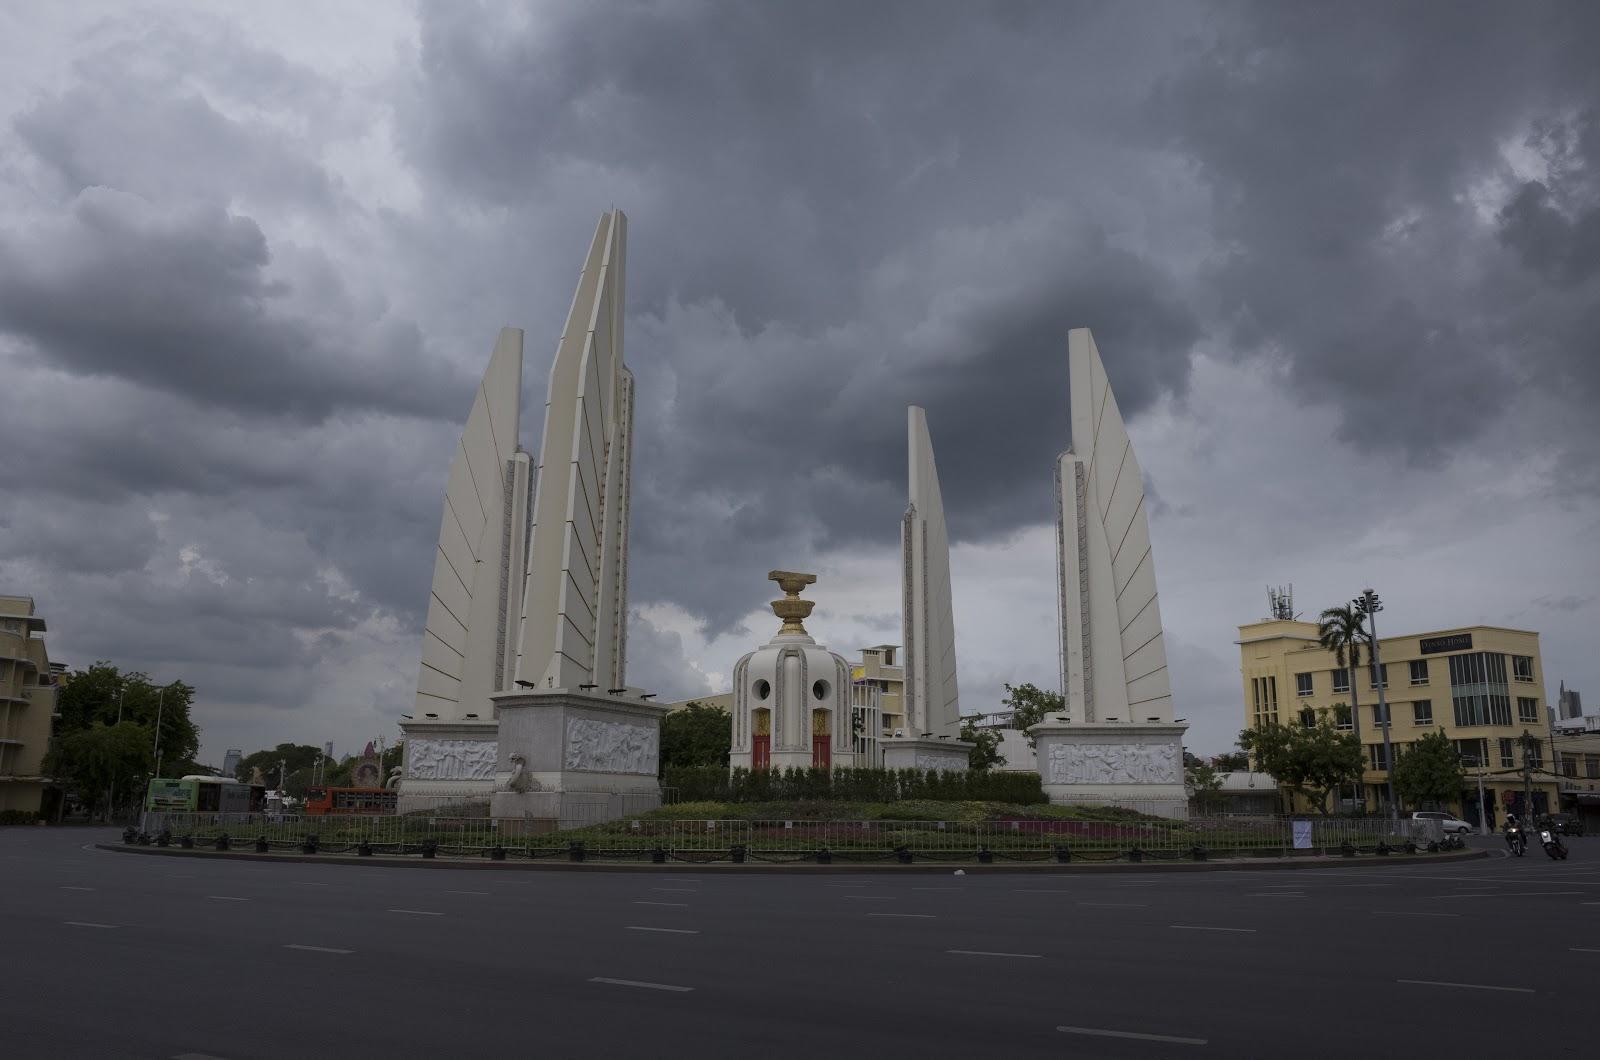 อนุสาวรีย์ประชาธิปไตยในวันที่มีฉากหลังเป็นเงาทะมึนของเมฆฝน